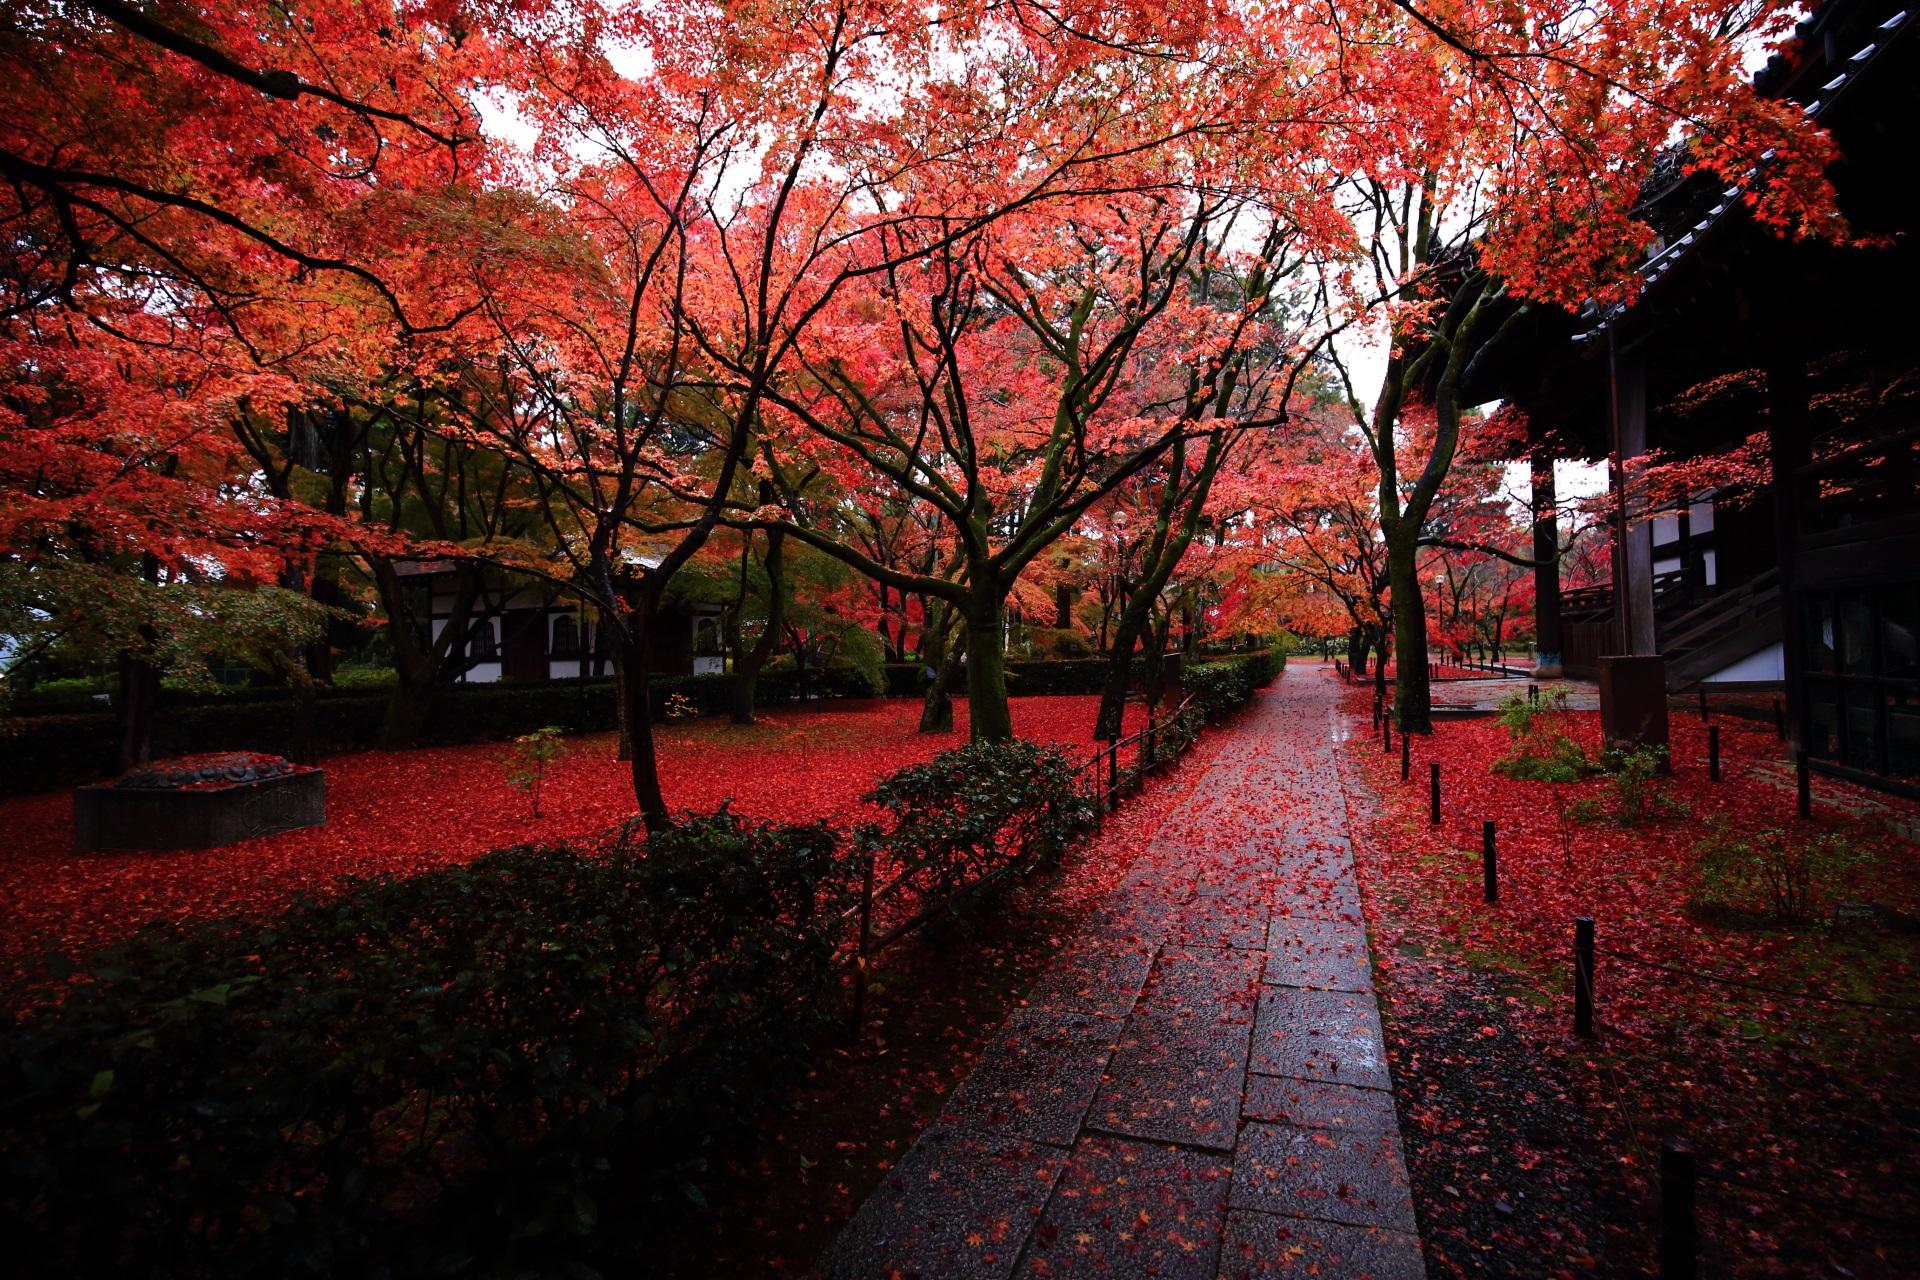 真如堂の本堂裏の参道の絶品の紅葉と散りもみじ